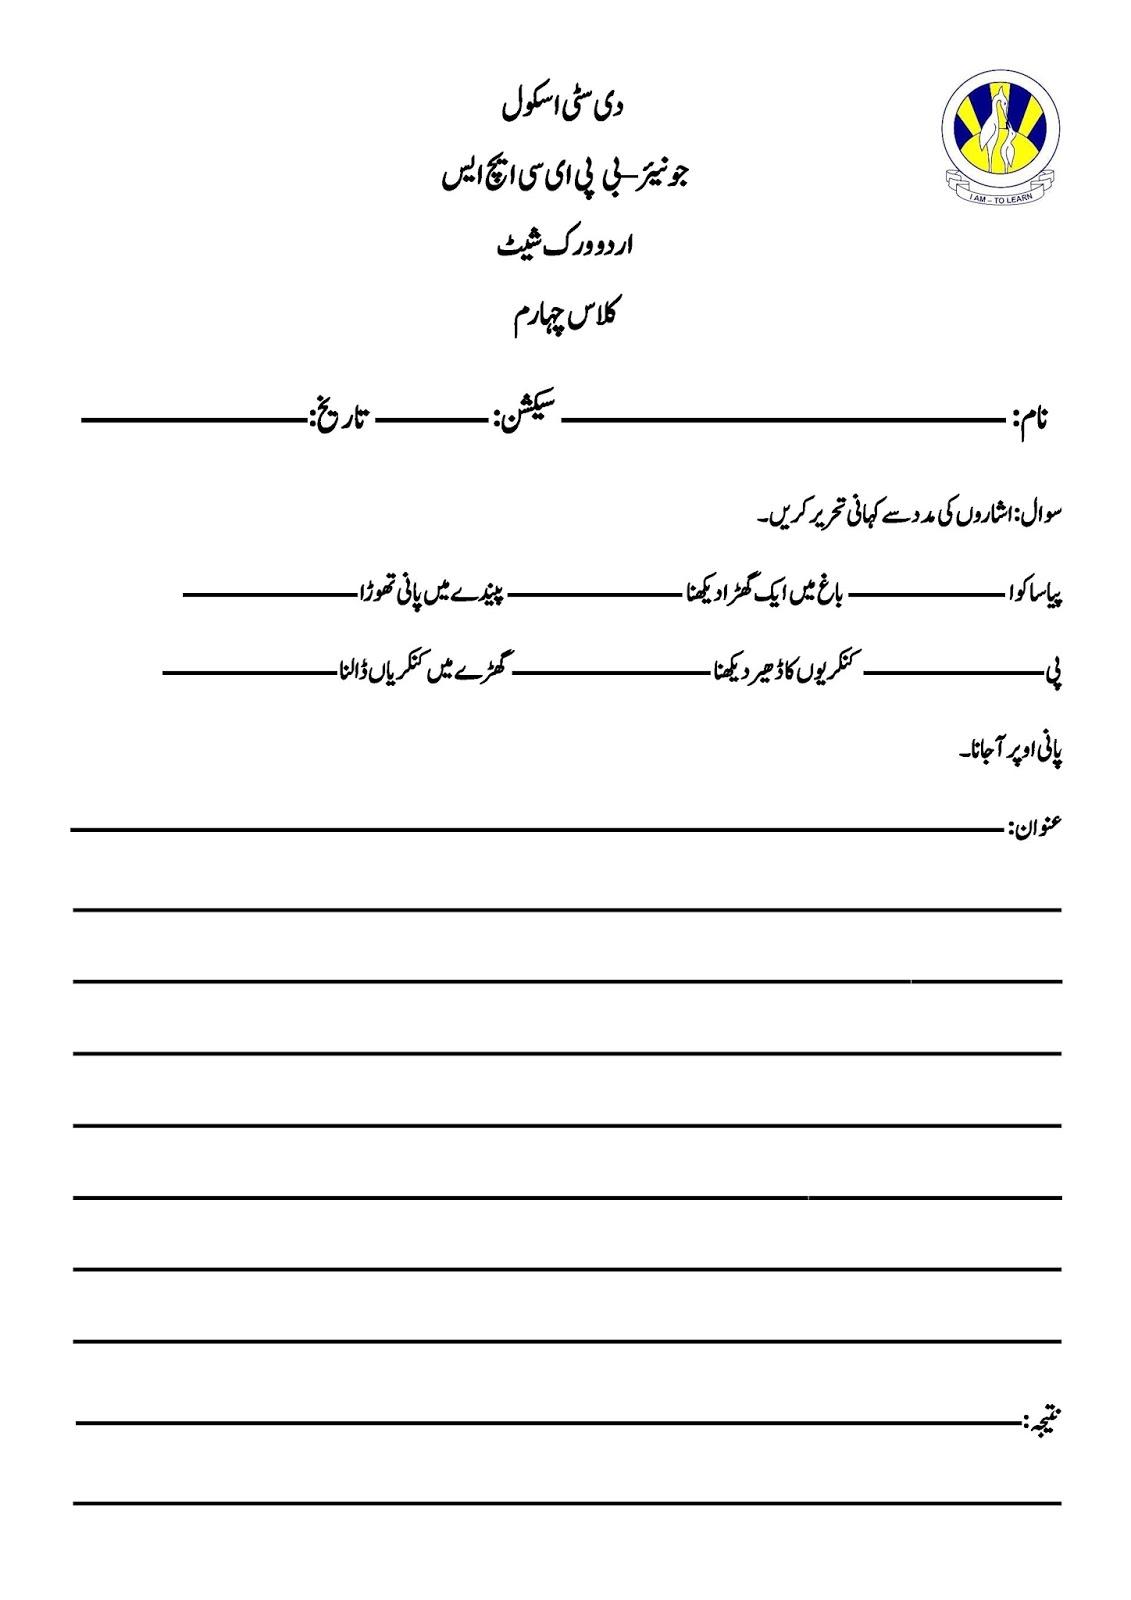 Worksheets Of Urdu Grammar Grade 3   Printable Worksheets and Activities  for Teachers [ 1600 x 1131 Pixel ]